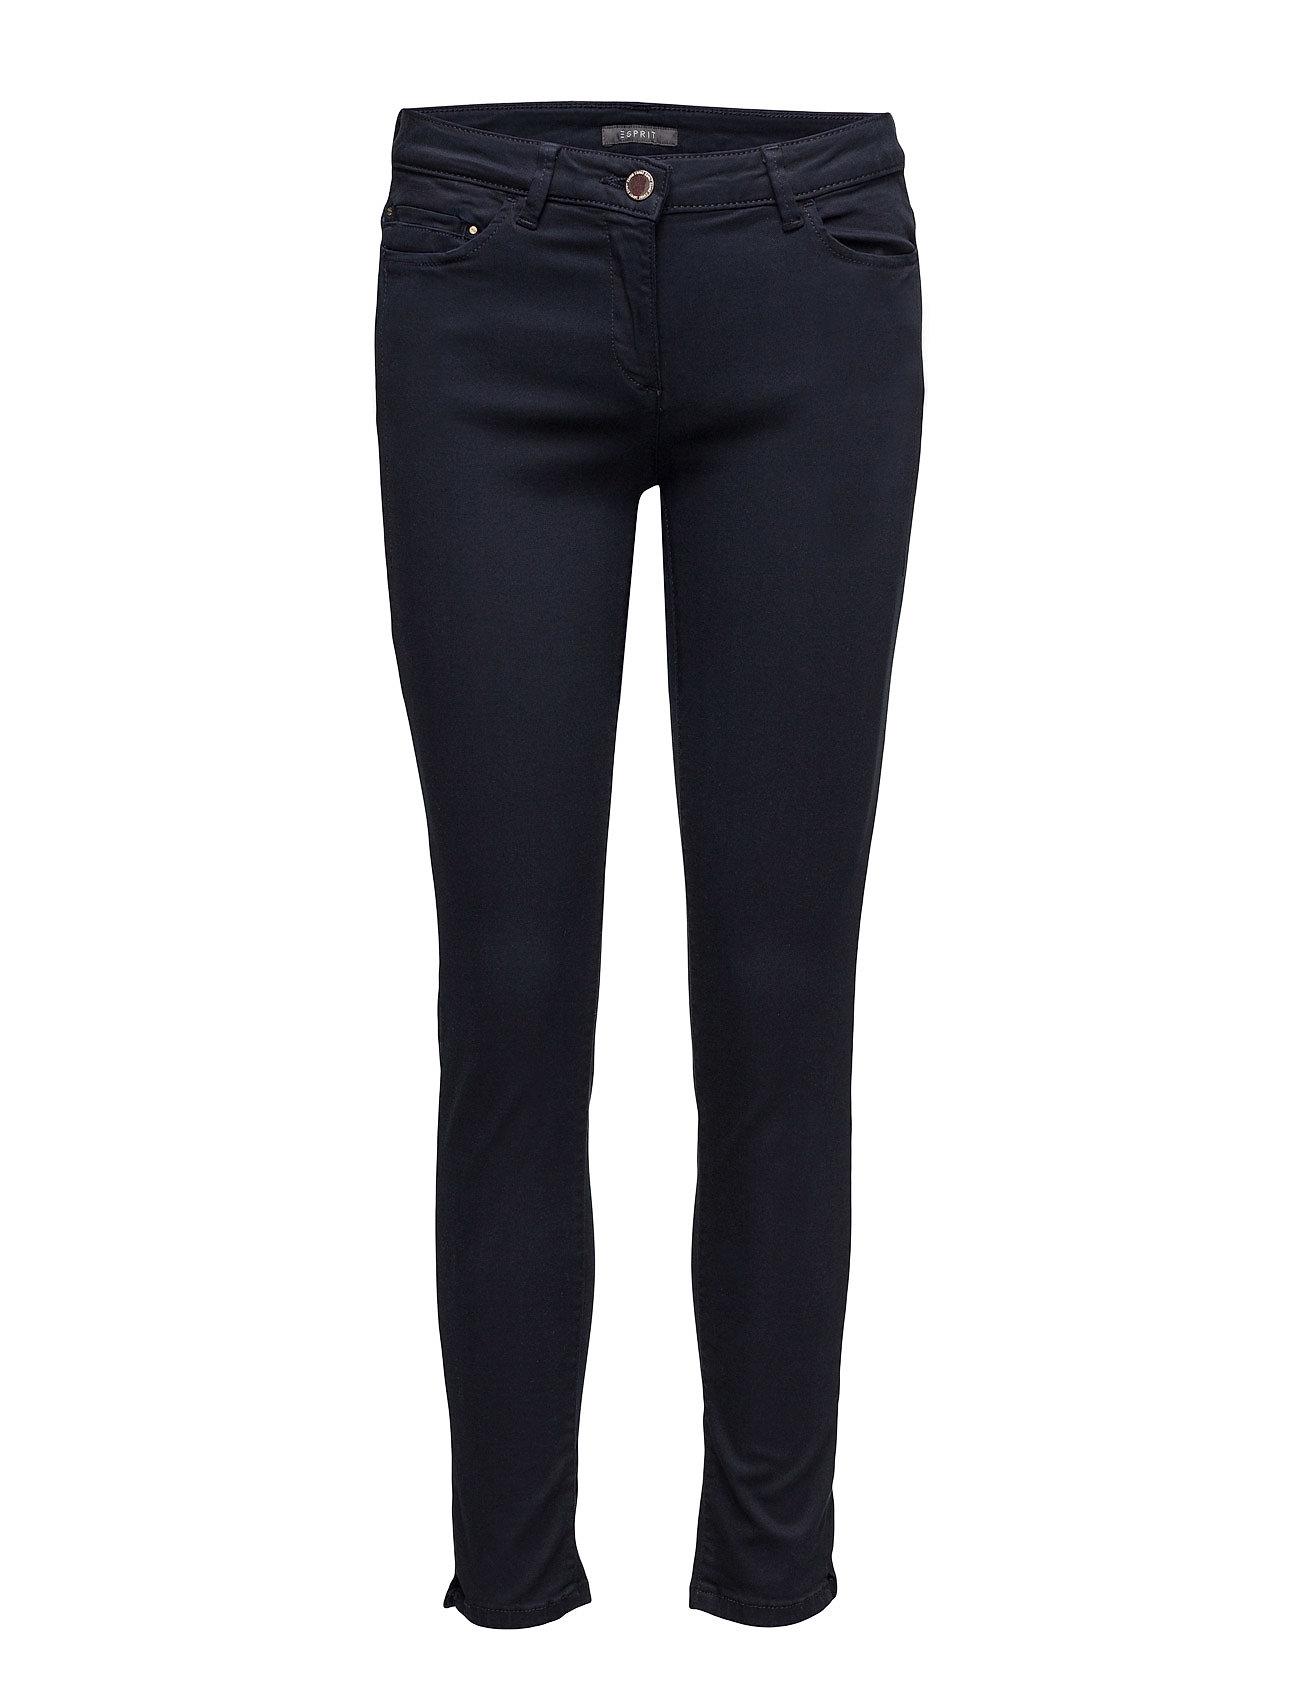 Pants Woven Esprit Collection Bukser til Kvinder i